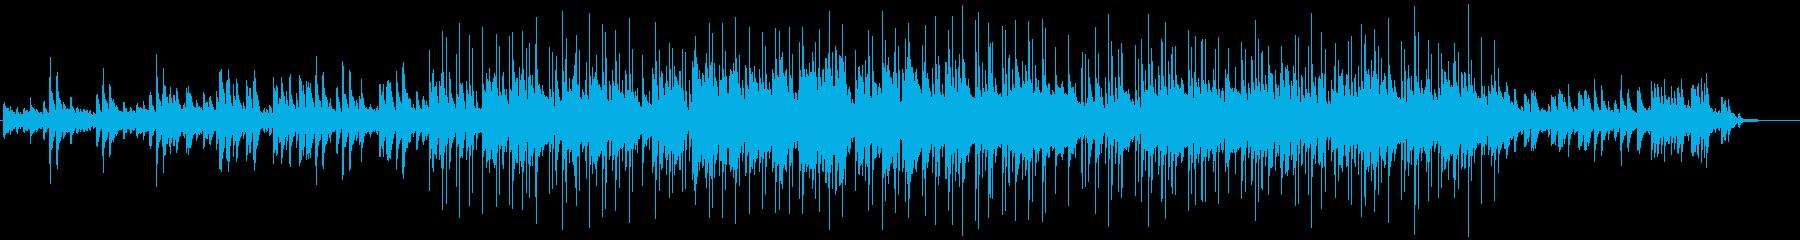 包み込まれるような感動ピアノバラードの再生済みの波形